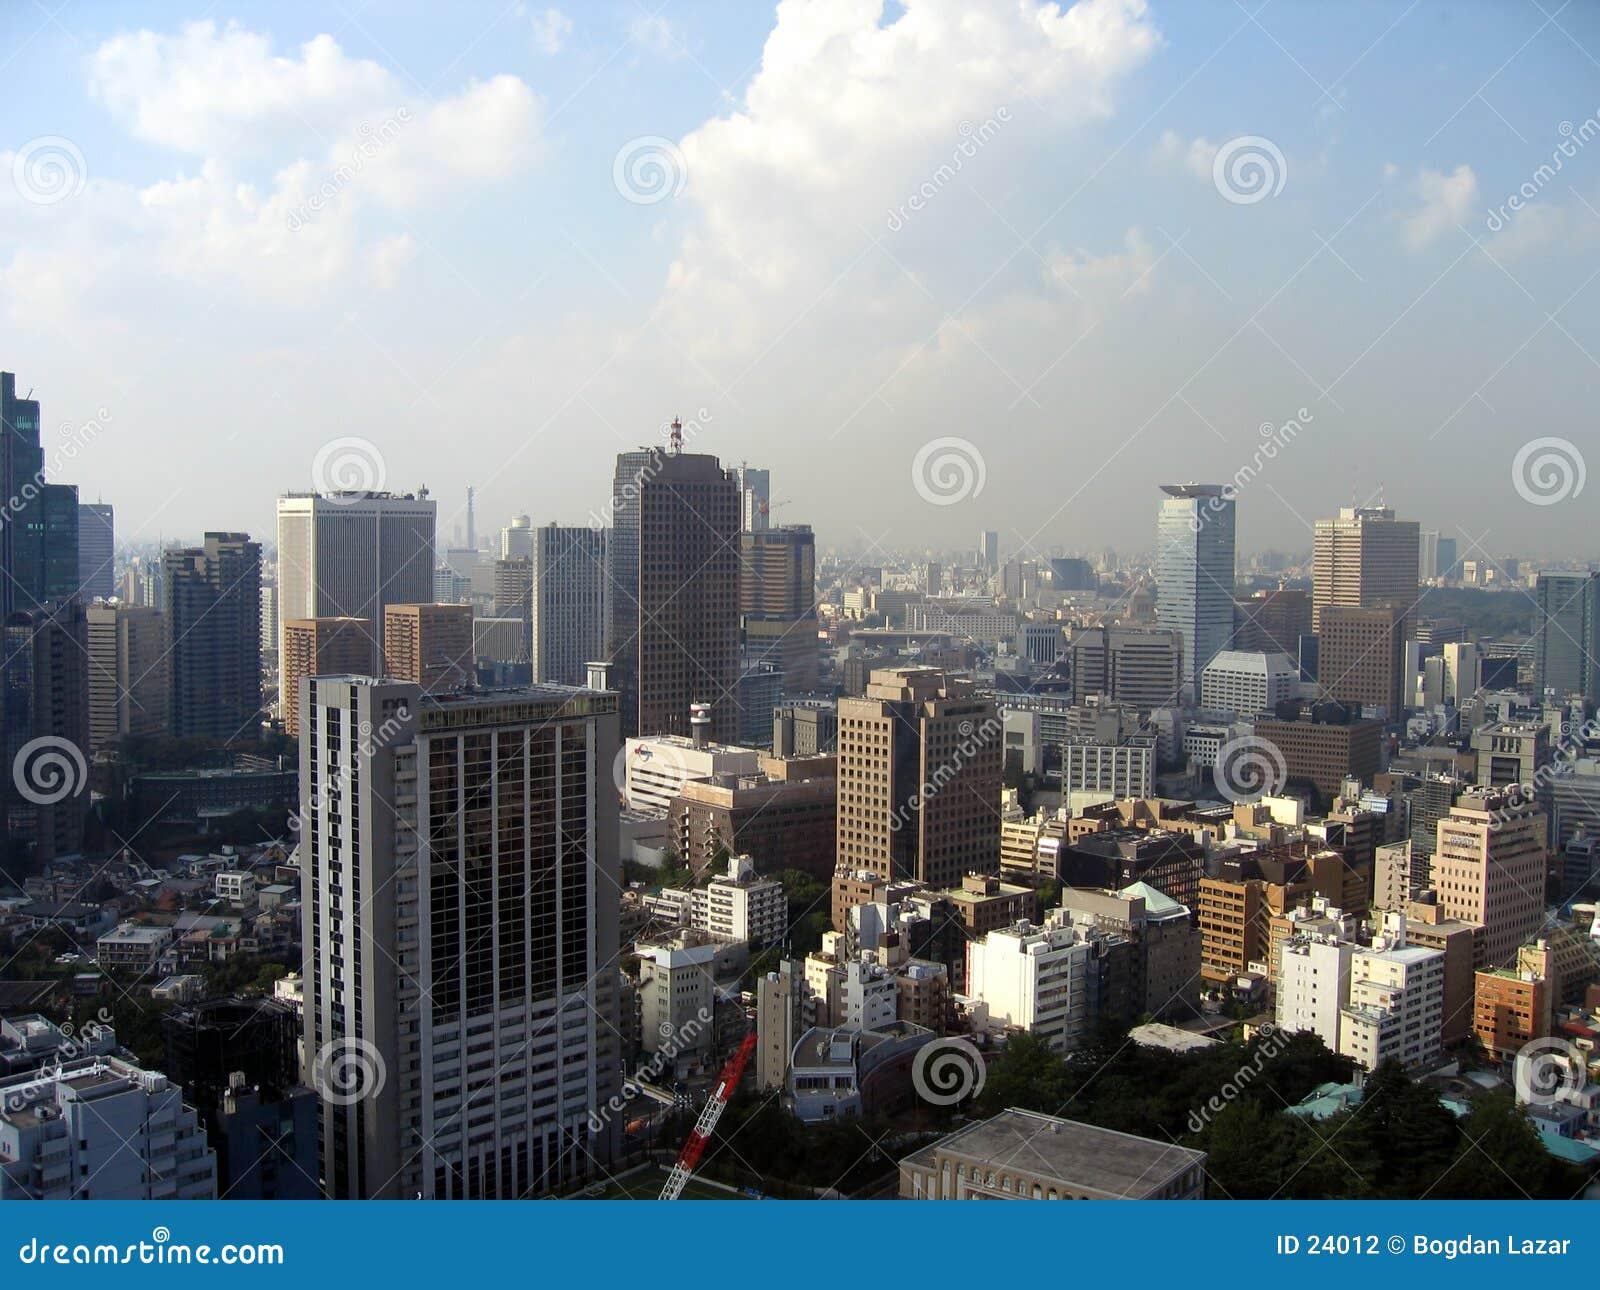 Cityscape - Tokyo